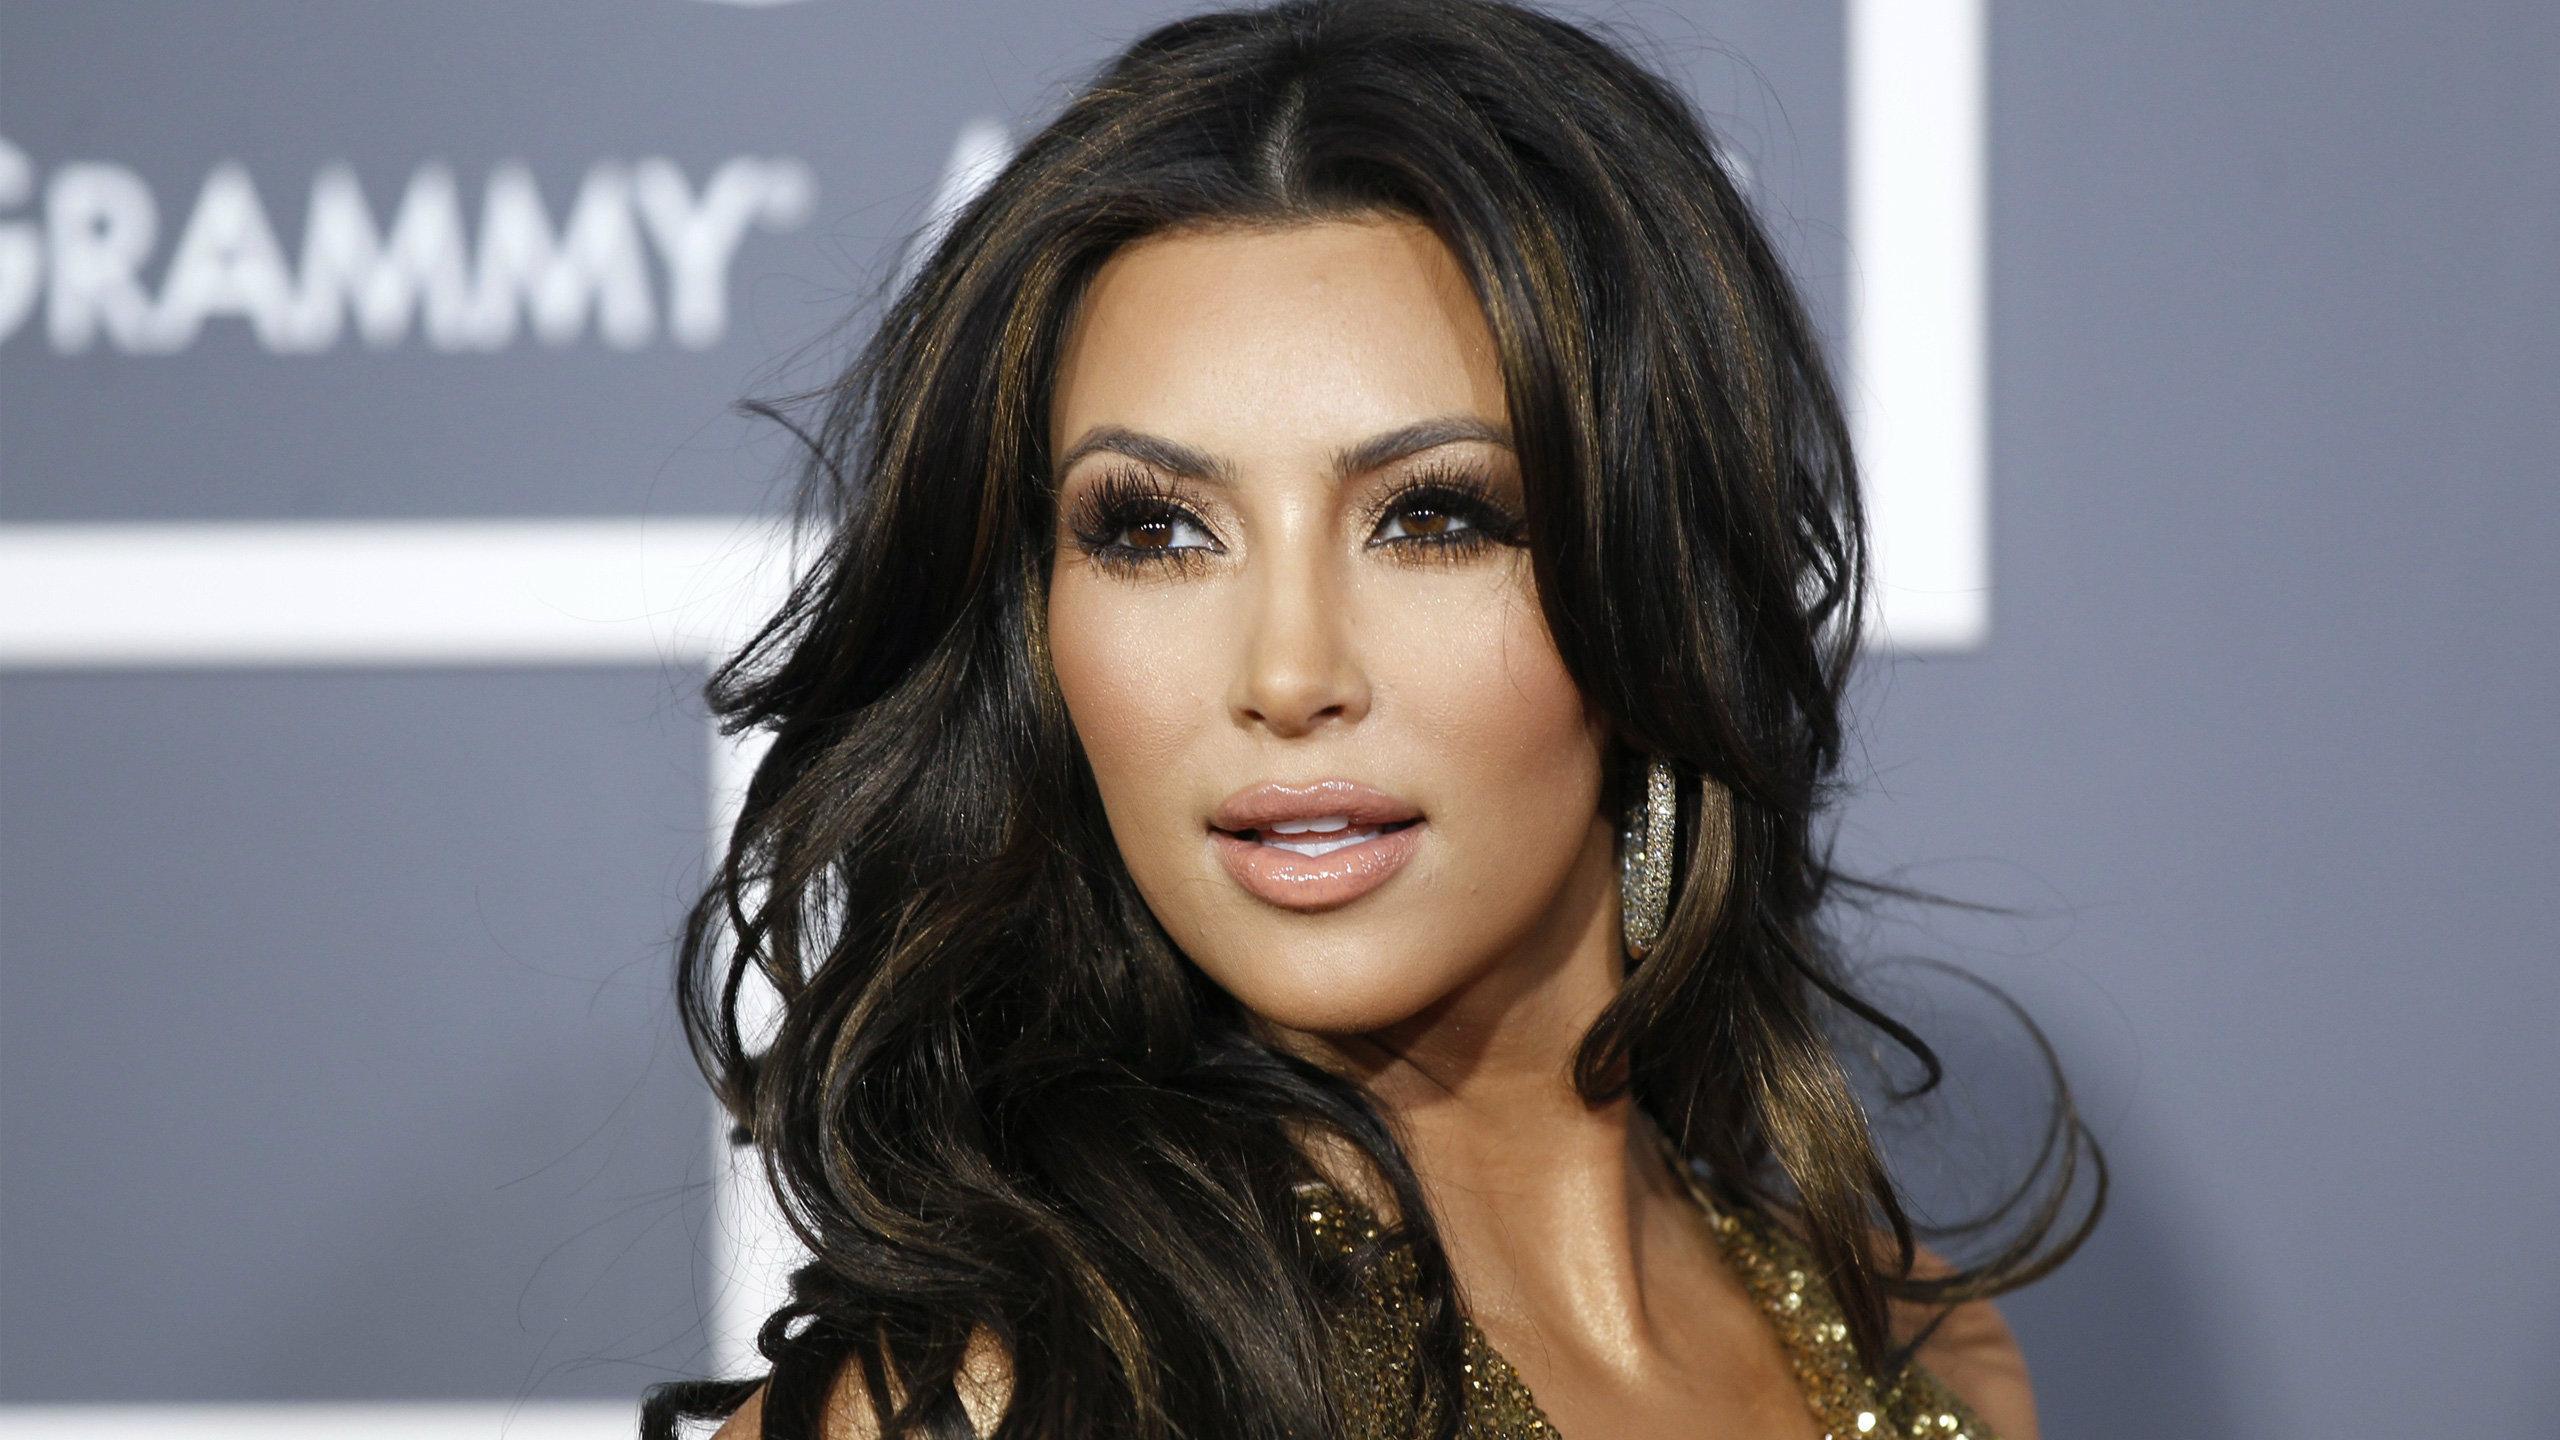 Kim Kardashian Sexy Photos